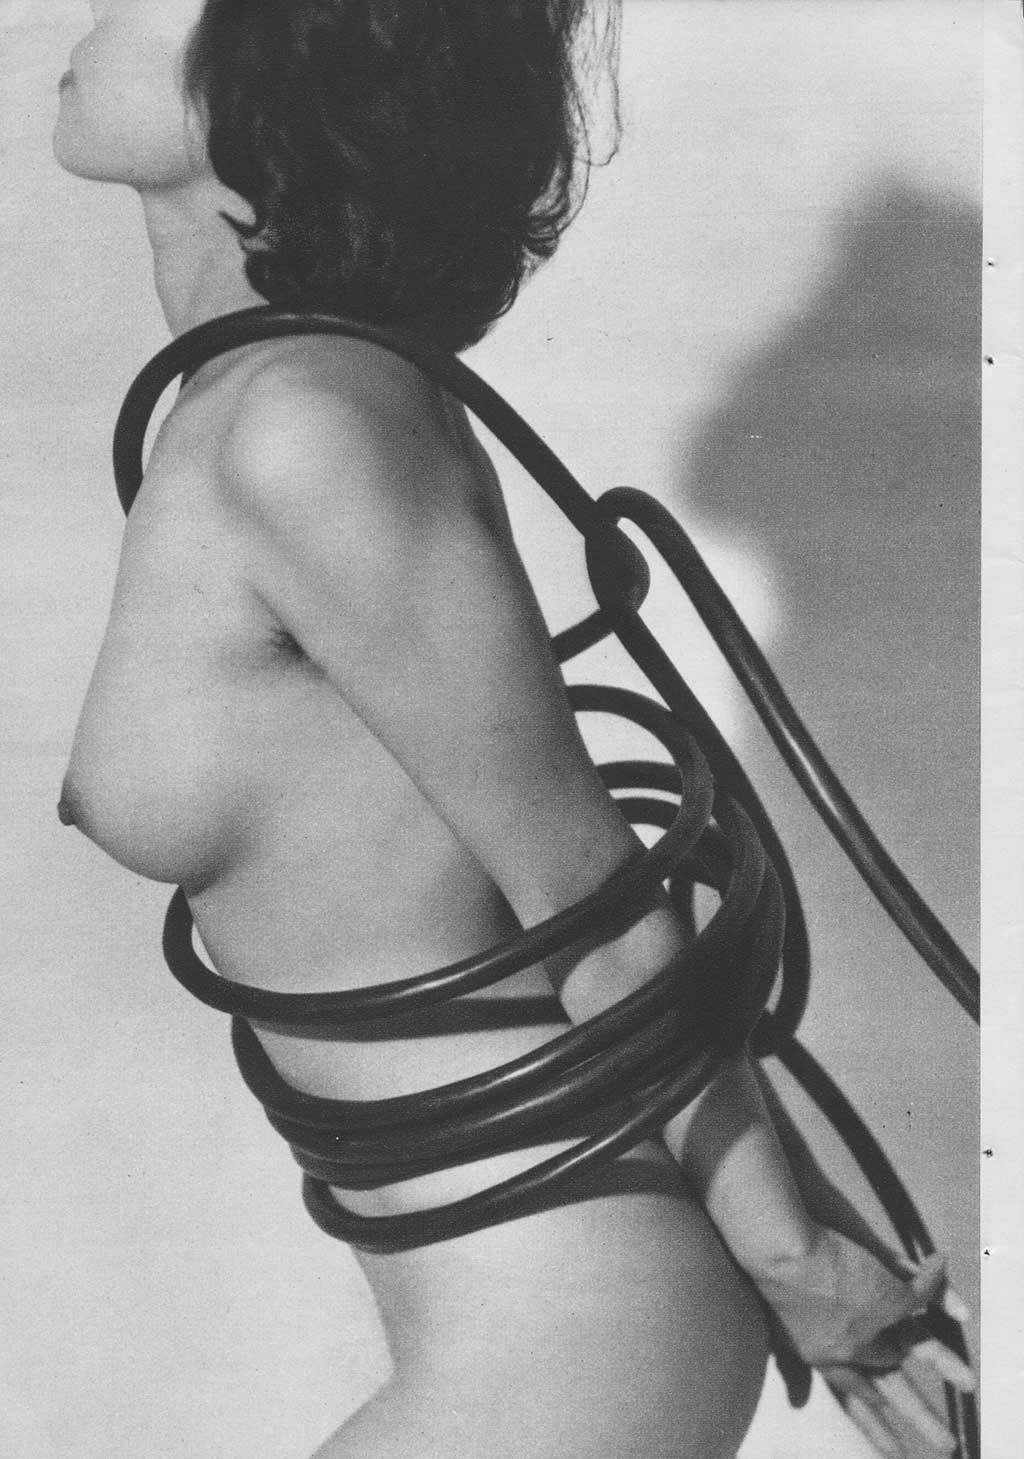 Japanese vintage fetish ... October 1960 https://t.co/M52F3UGh12